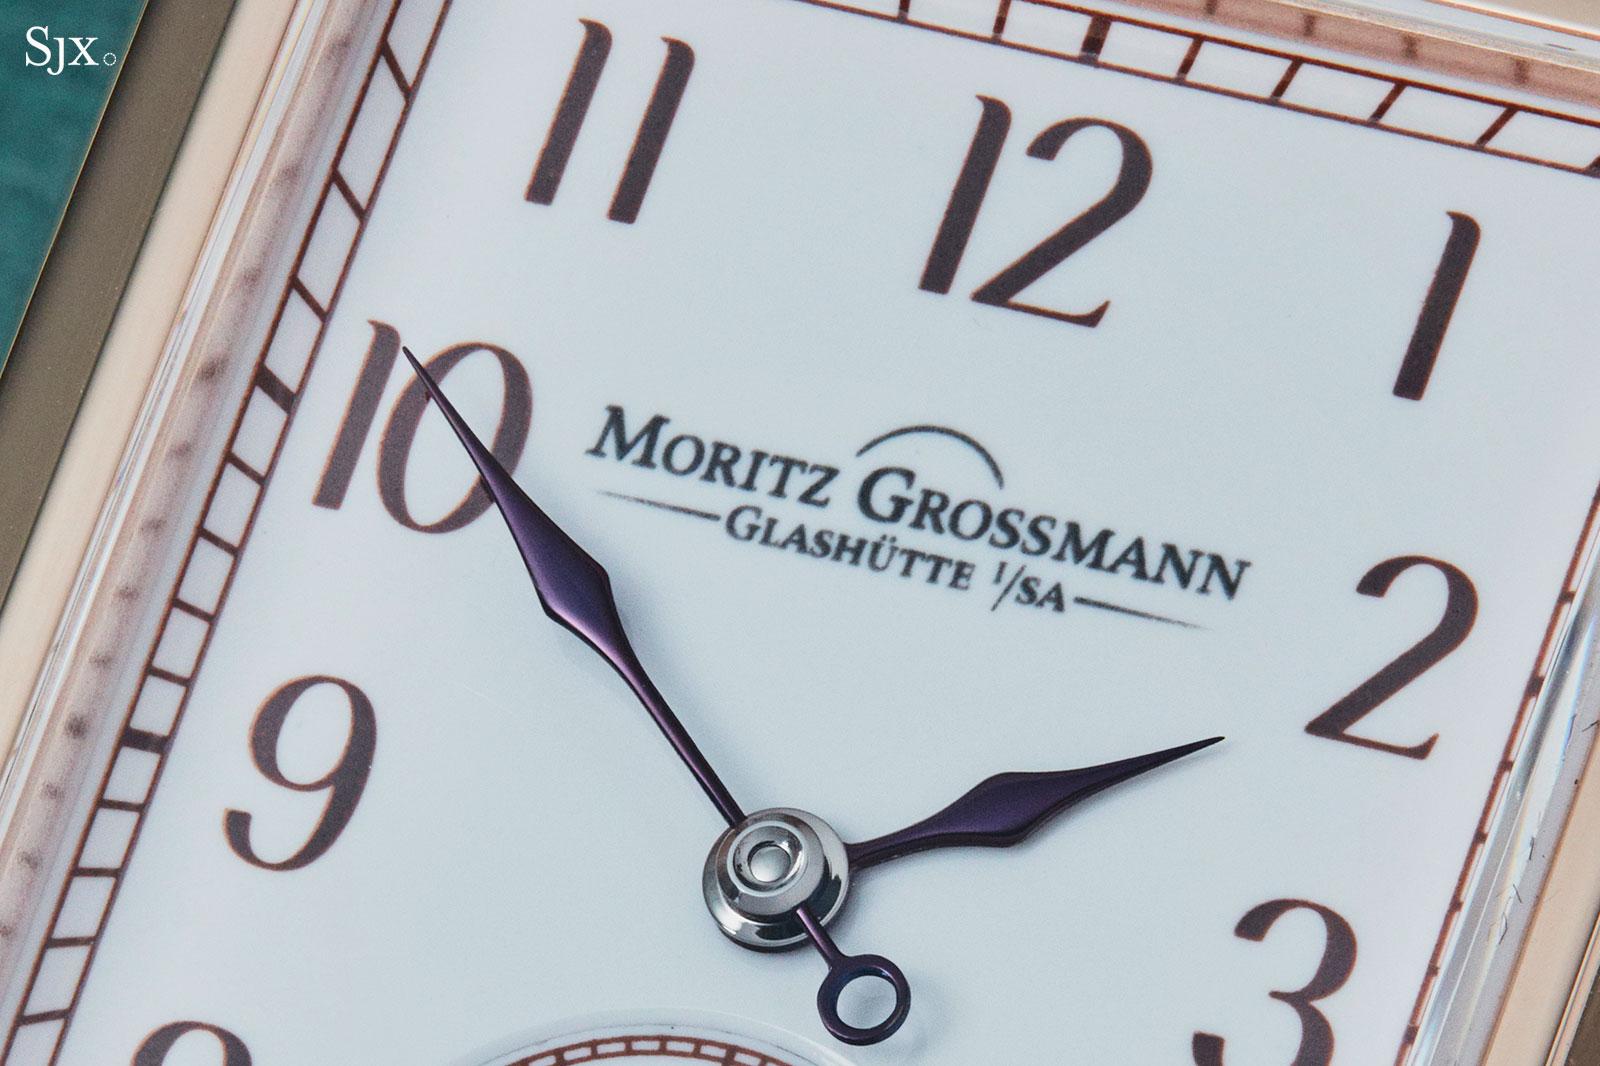 moritz grossmann corner stone enamel 3